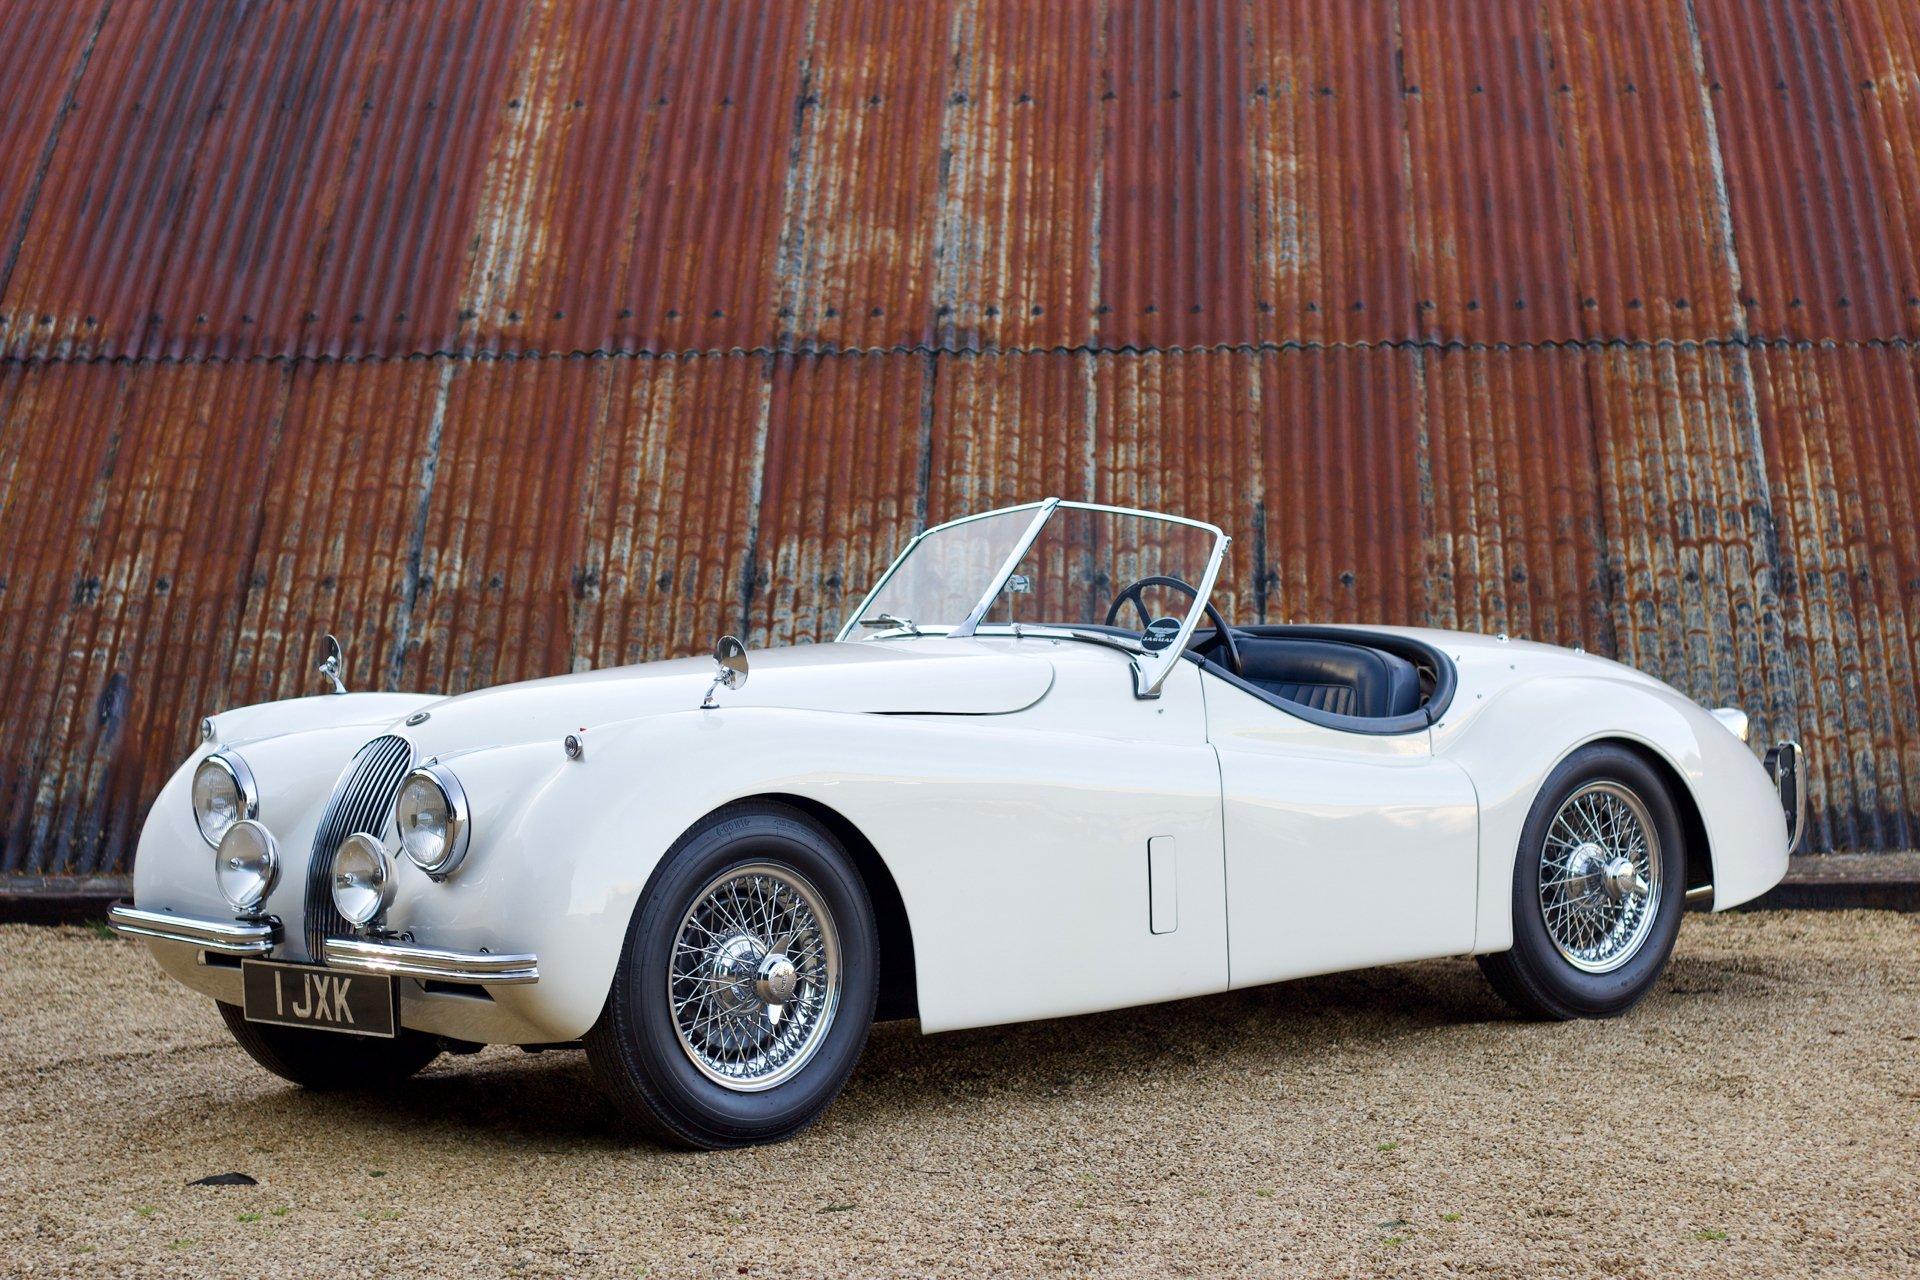 1954 Jaguar Xk 120 Se Roadster Vintage Car For Sale